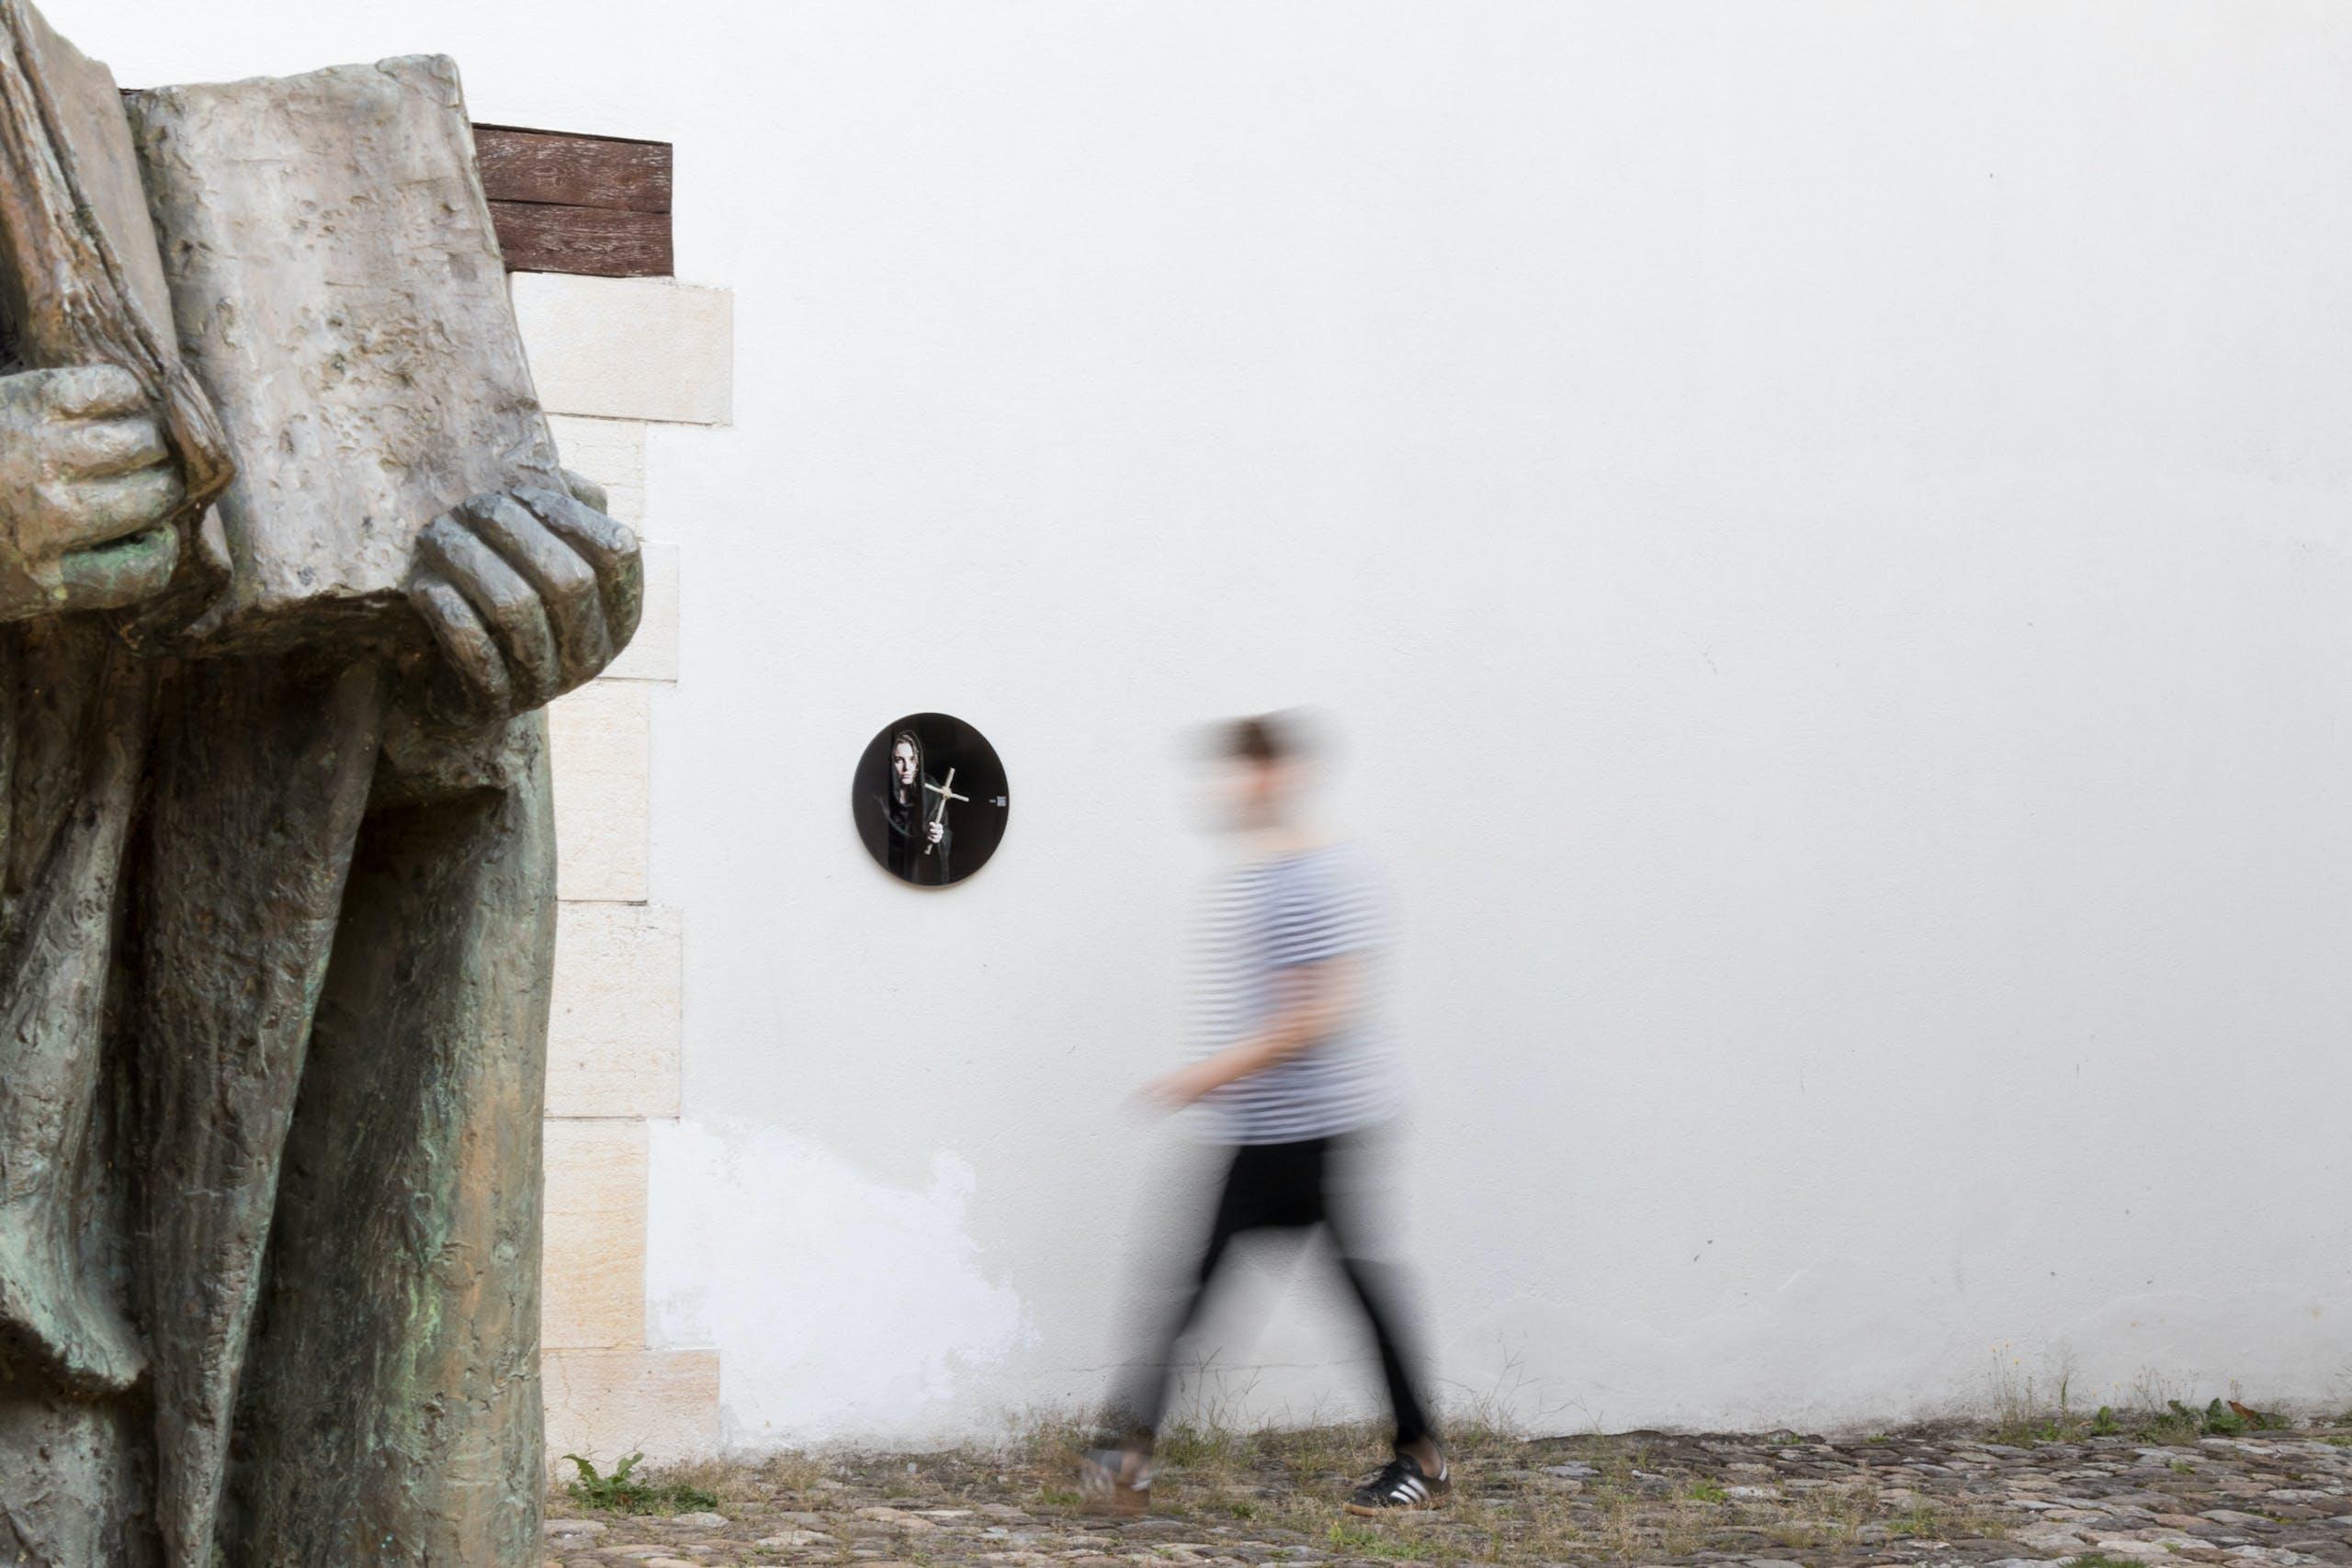 Design, Public-Design, Grafik-Design, Grafik, Laufen, Basel-Land, History, Geschcihte, Laufen erzählt Geschichte